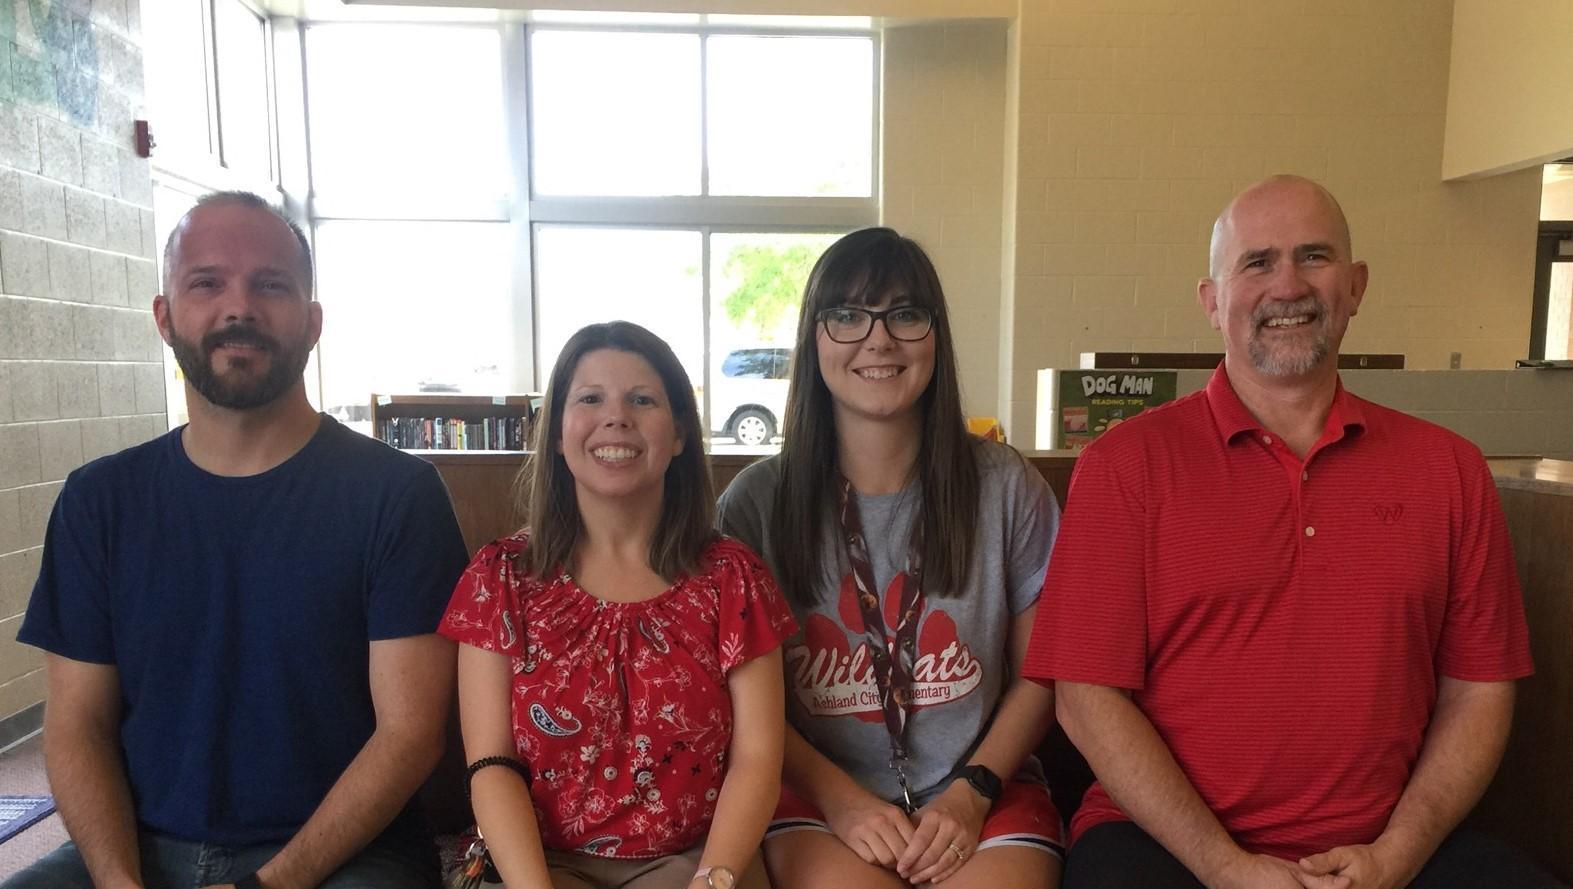 Fourth Grade Team: Mr. Reid, Mrs. Albritton, Mrs. Greer, and Mr. Gossett